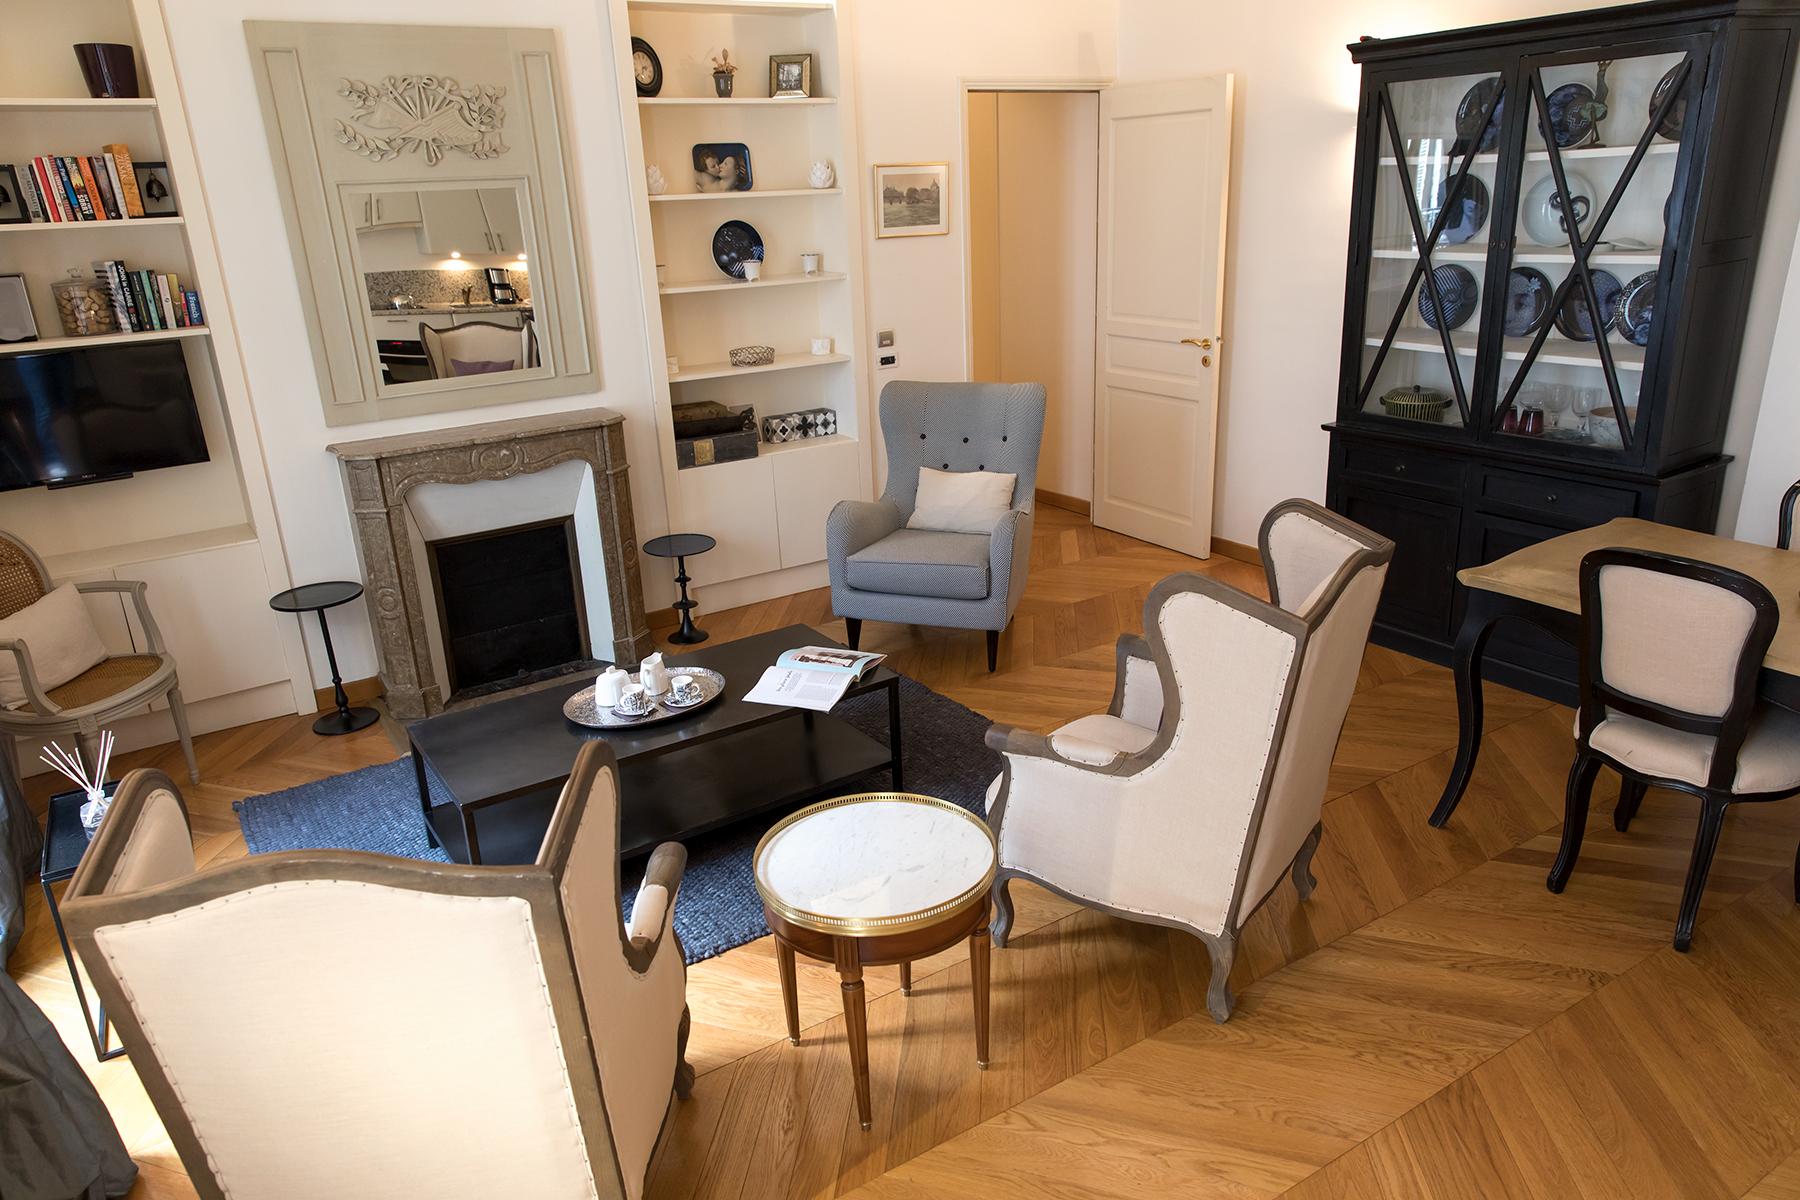 Seats at Apartment Monceau Chic, 9th Arr, Paris